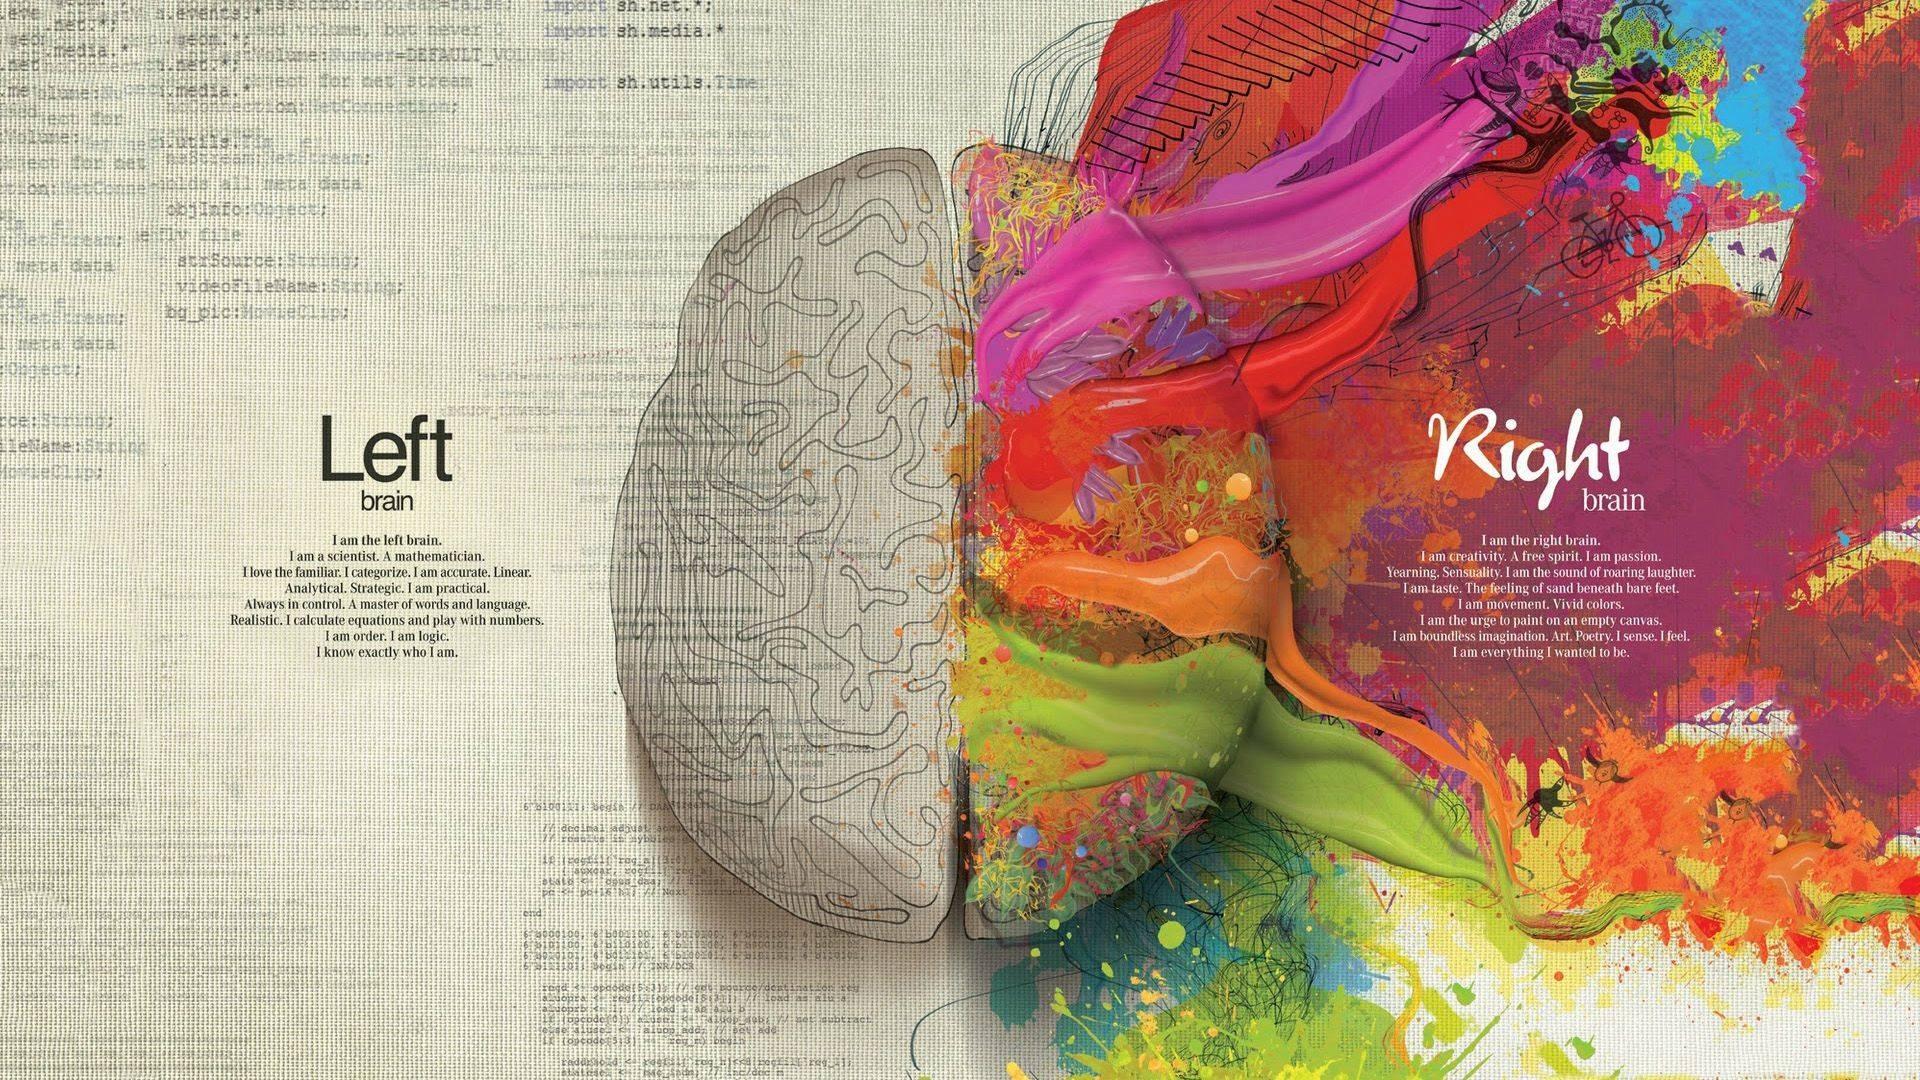 http://www.uplooder.net/img/image/7/6ef6f6373646b6e6793bc9ed362bdfd0/artistic-paint-wallpaper-1080p.jpg